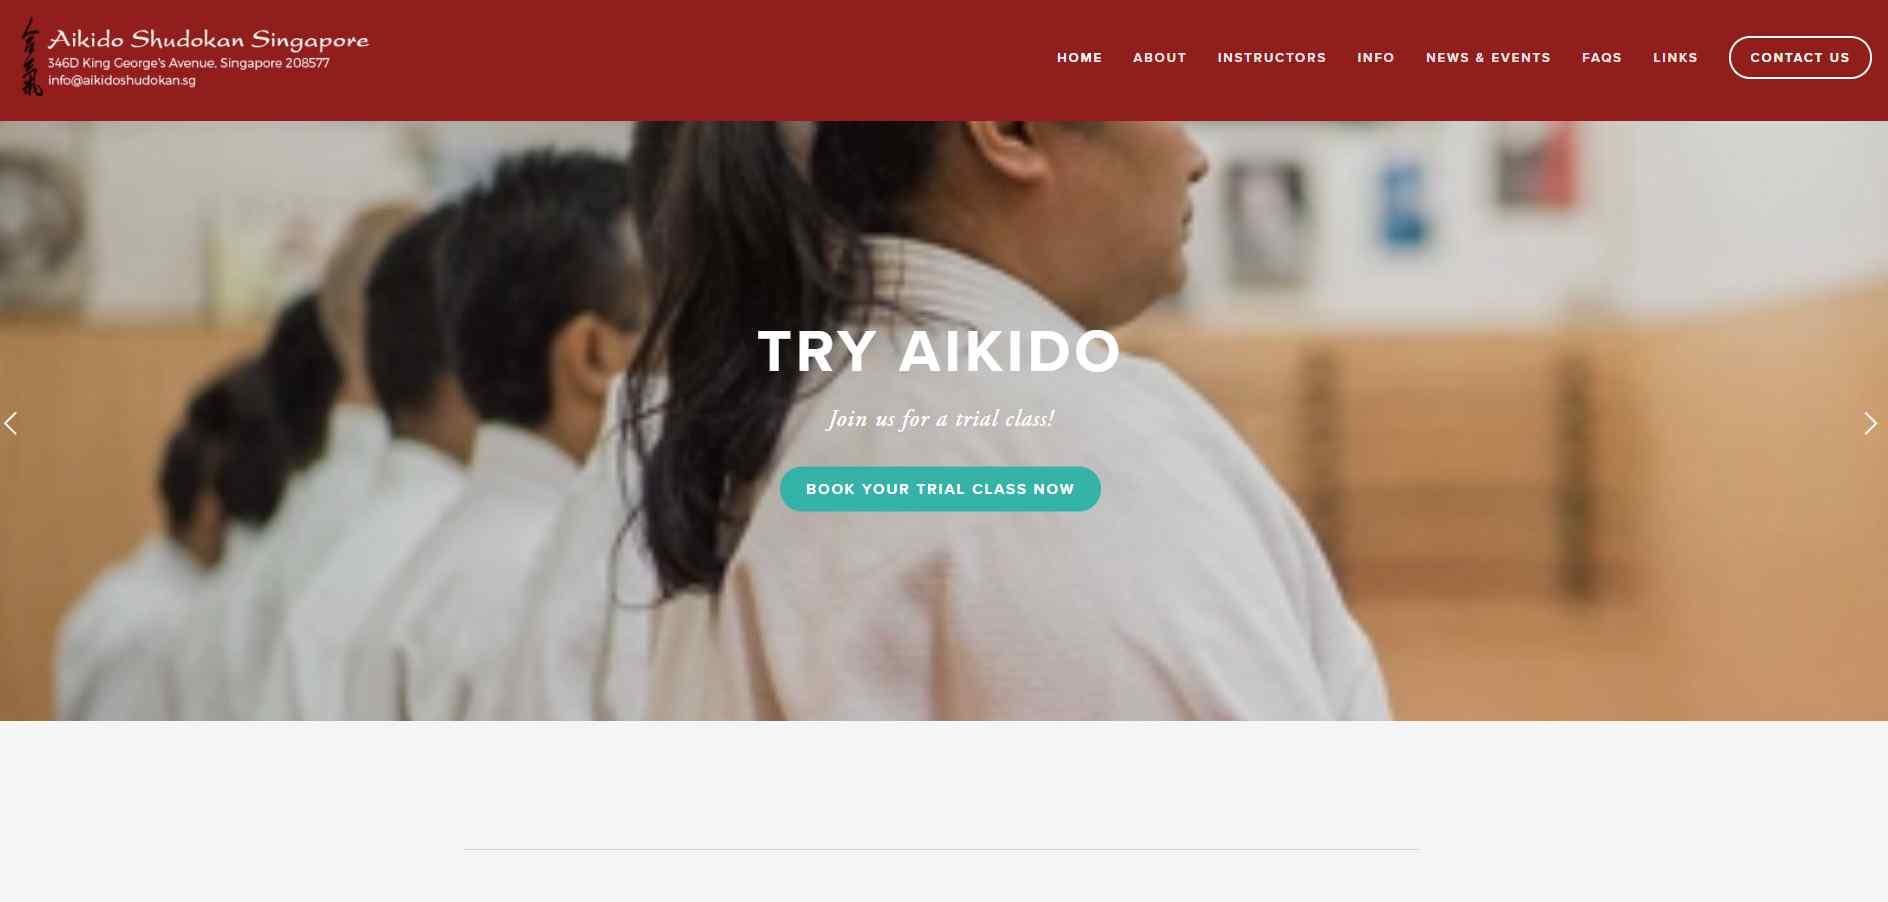 shudokan-top-aikido-schools-in-singapore